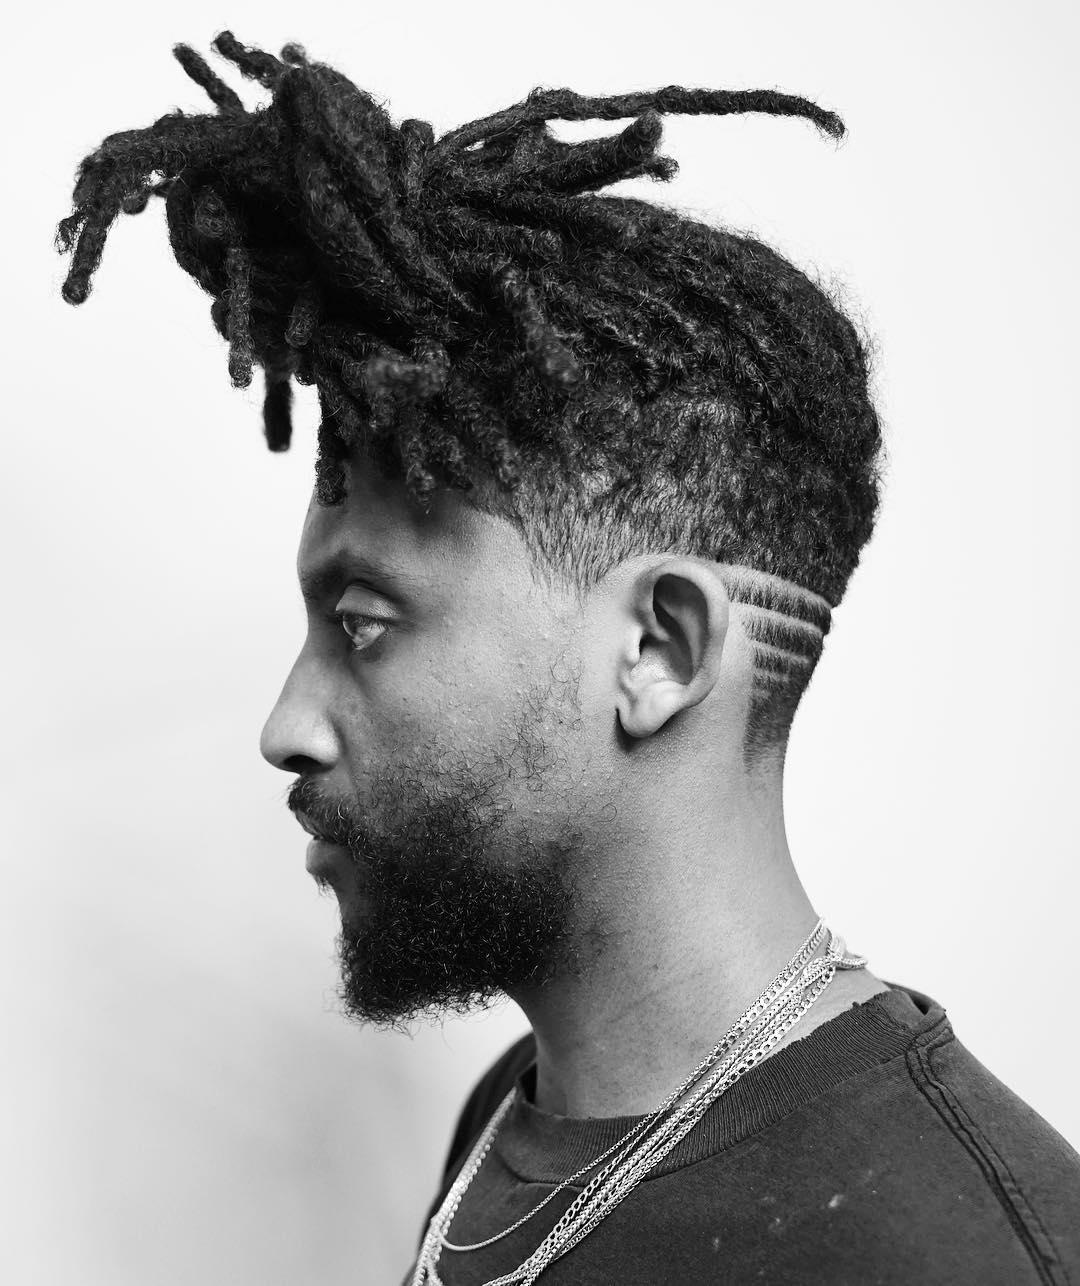 47 coupes de cheveux cool et elegantes pour les hommes noirs a essayer maintenant 5f3f941f95d0b - 47 coupes de cheveux cool et élégantes pour les hommes noirs à essayer maintenant